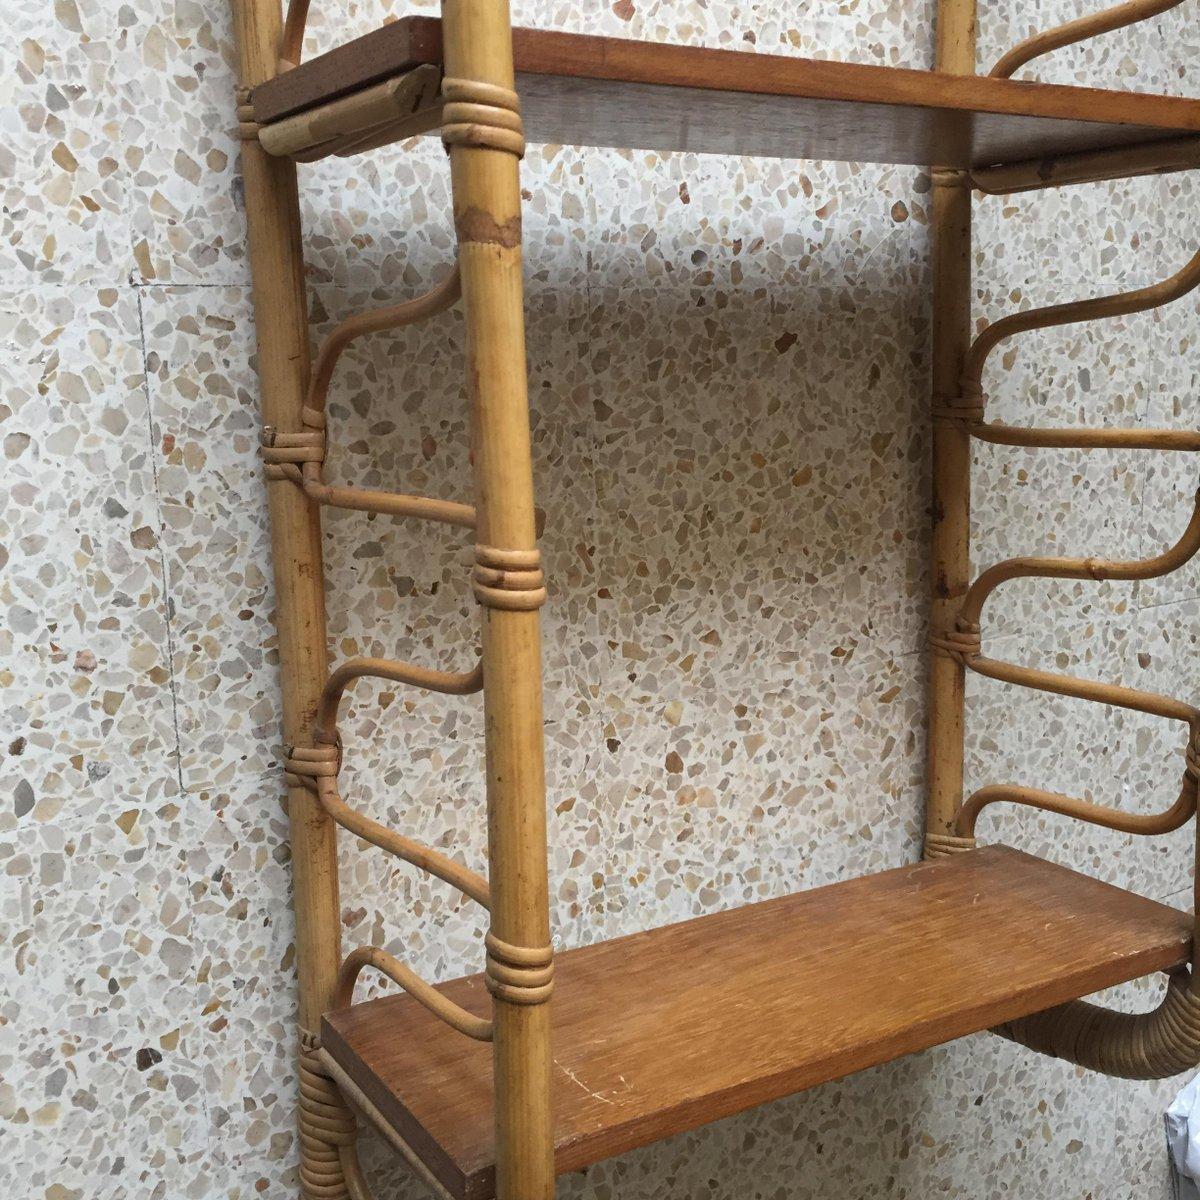 kleines vintage rattan und holz wandregal bei pamono kaufen. Black Bedroom Furniture Sets. Home Design Ideas